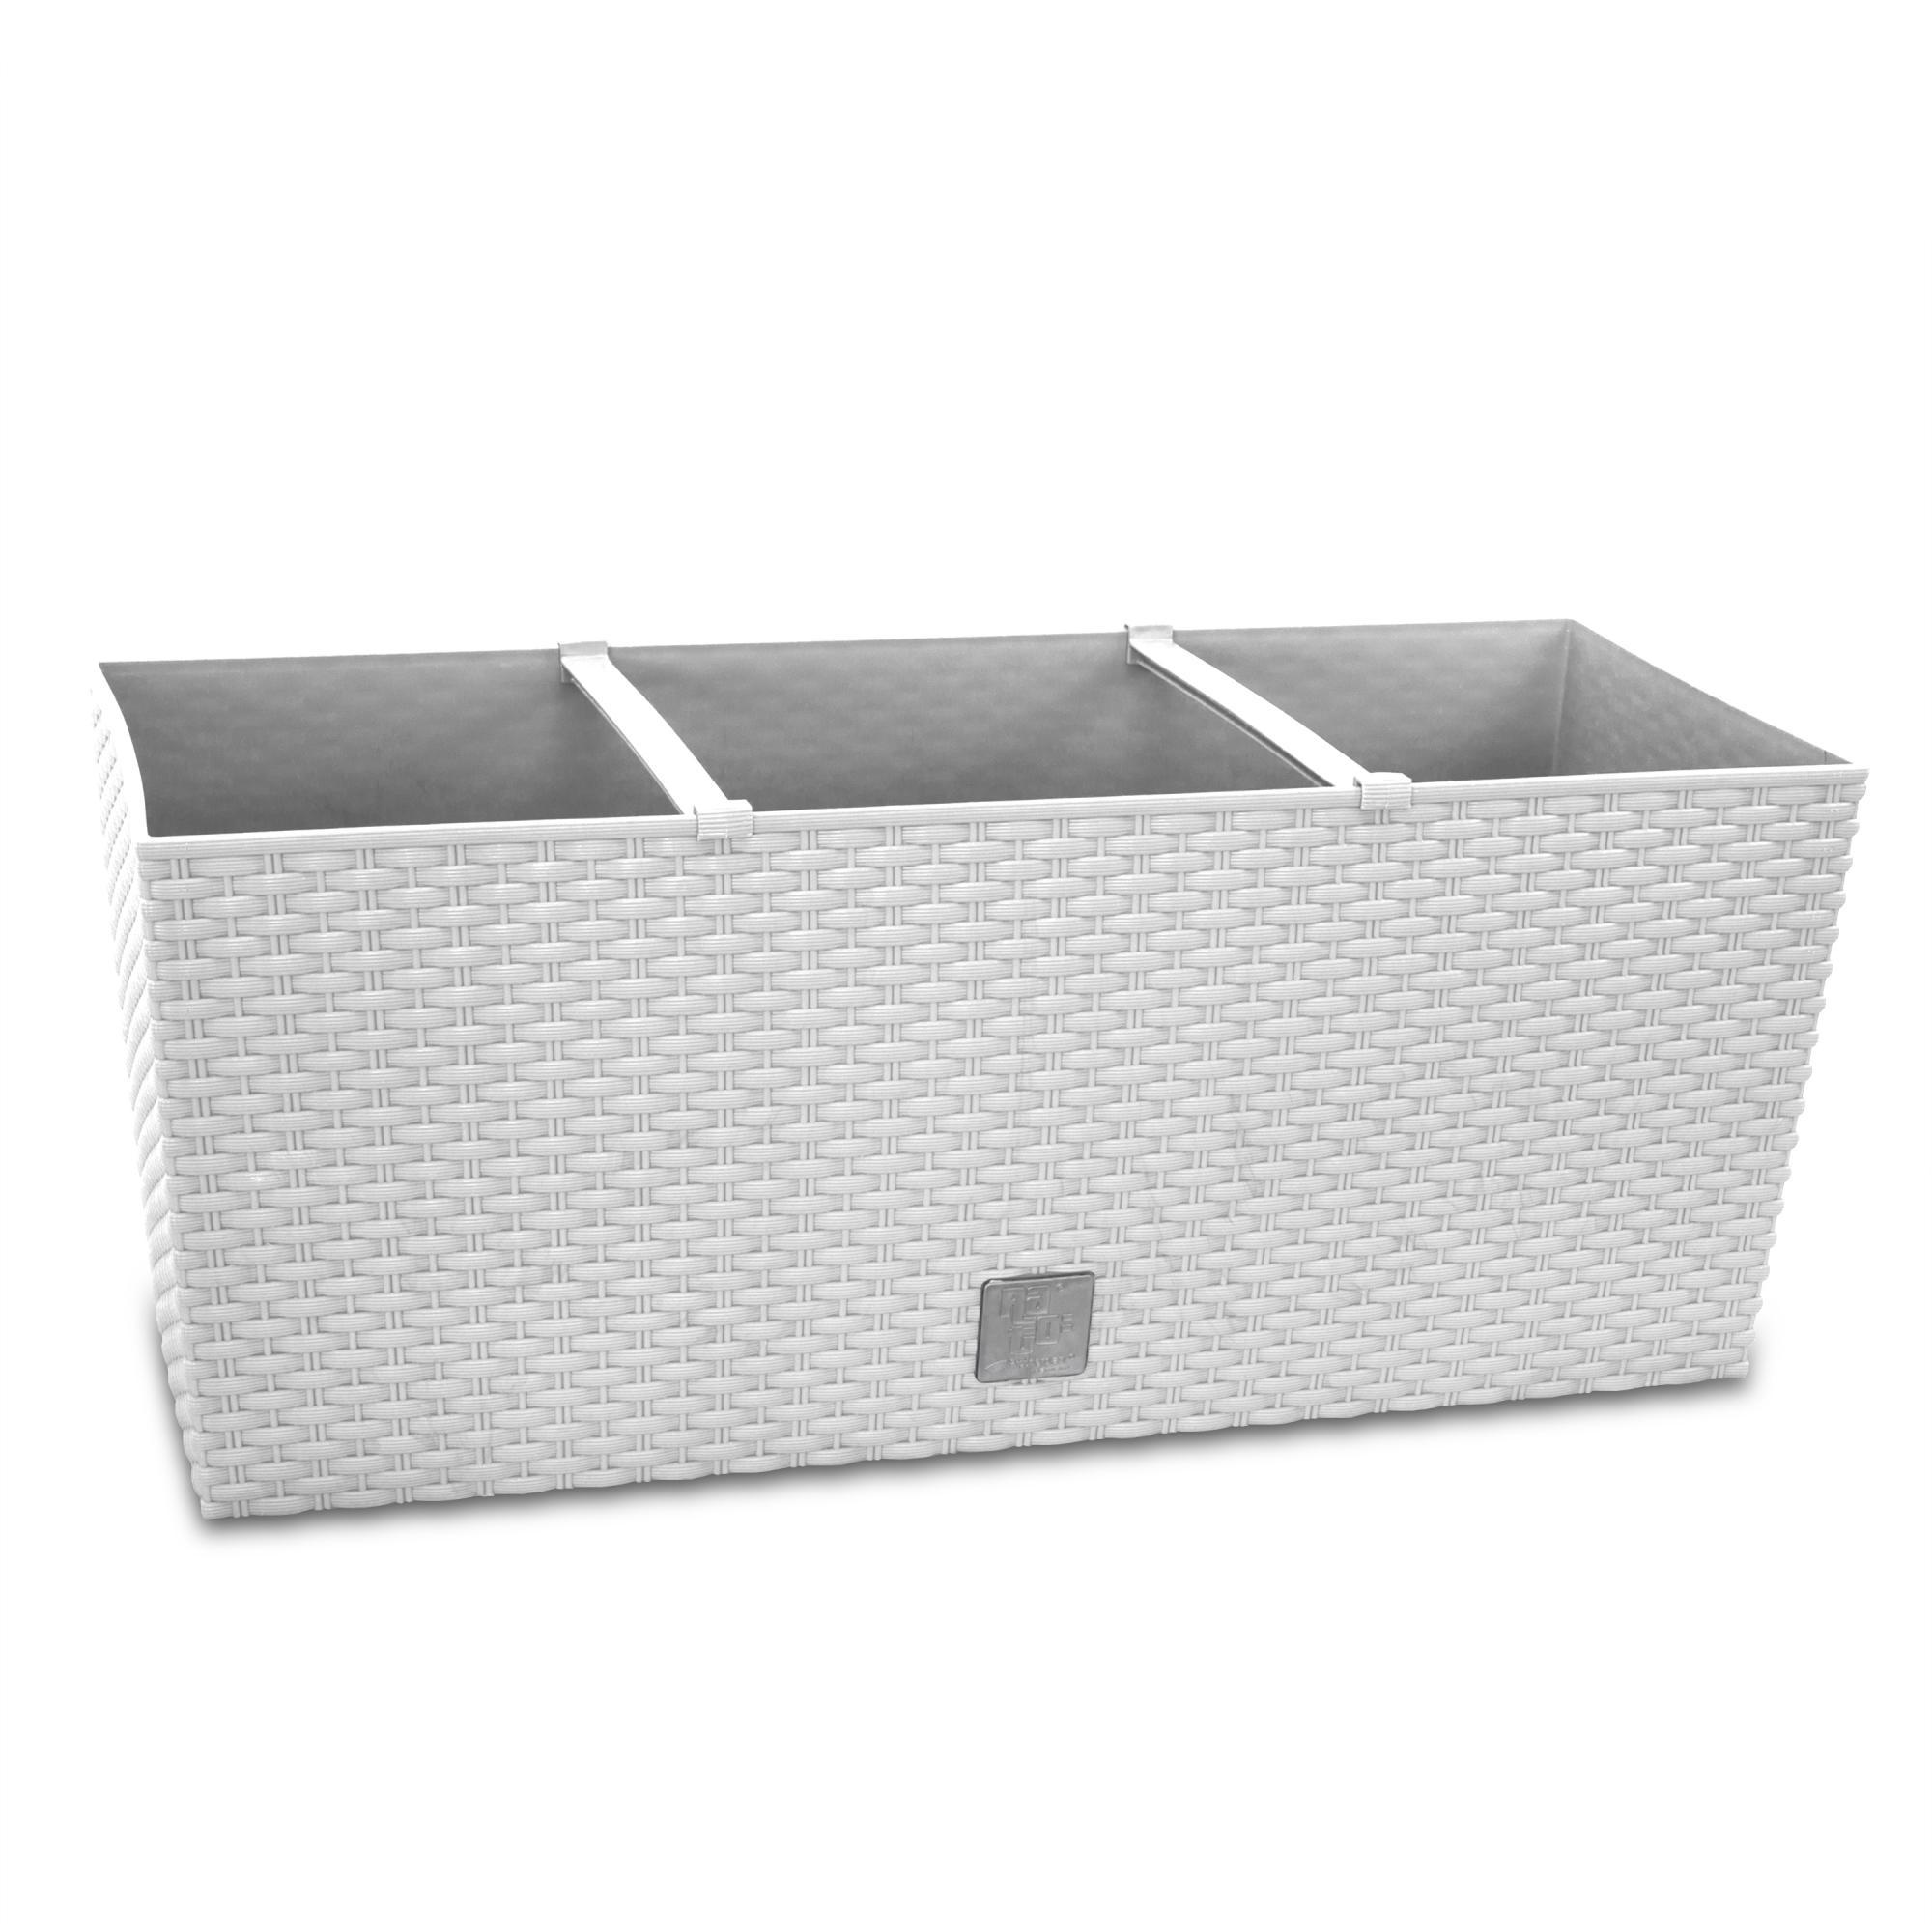 blumenkasten balkonkasten pflanzkasten rattan optik bew sserung 60 cm wei 4260416557277 ebay. Black Bedroom Furniture Sets. Home Design Ideas